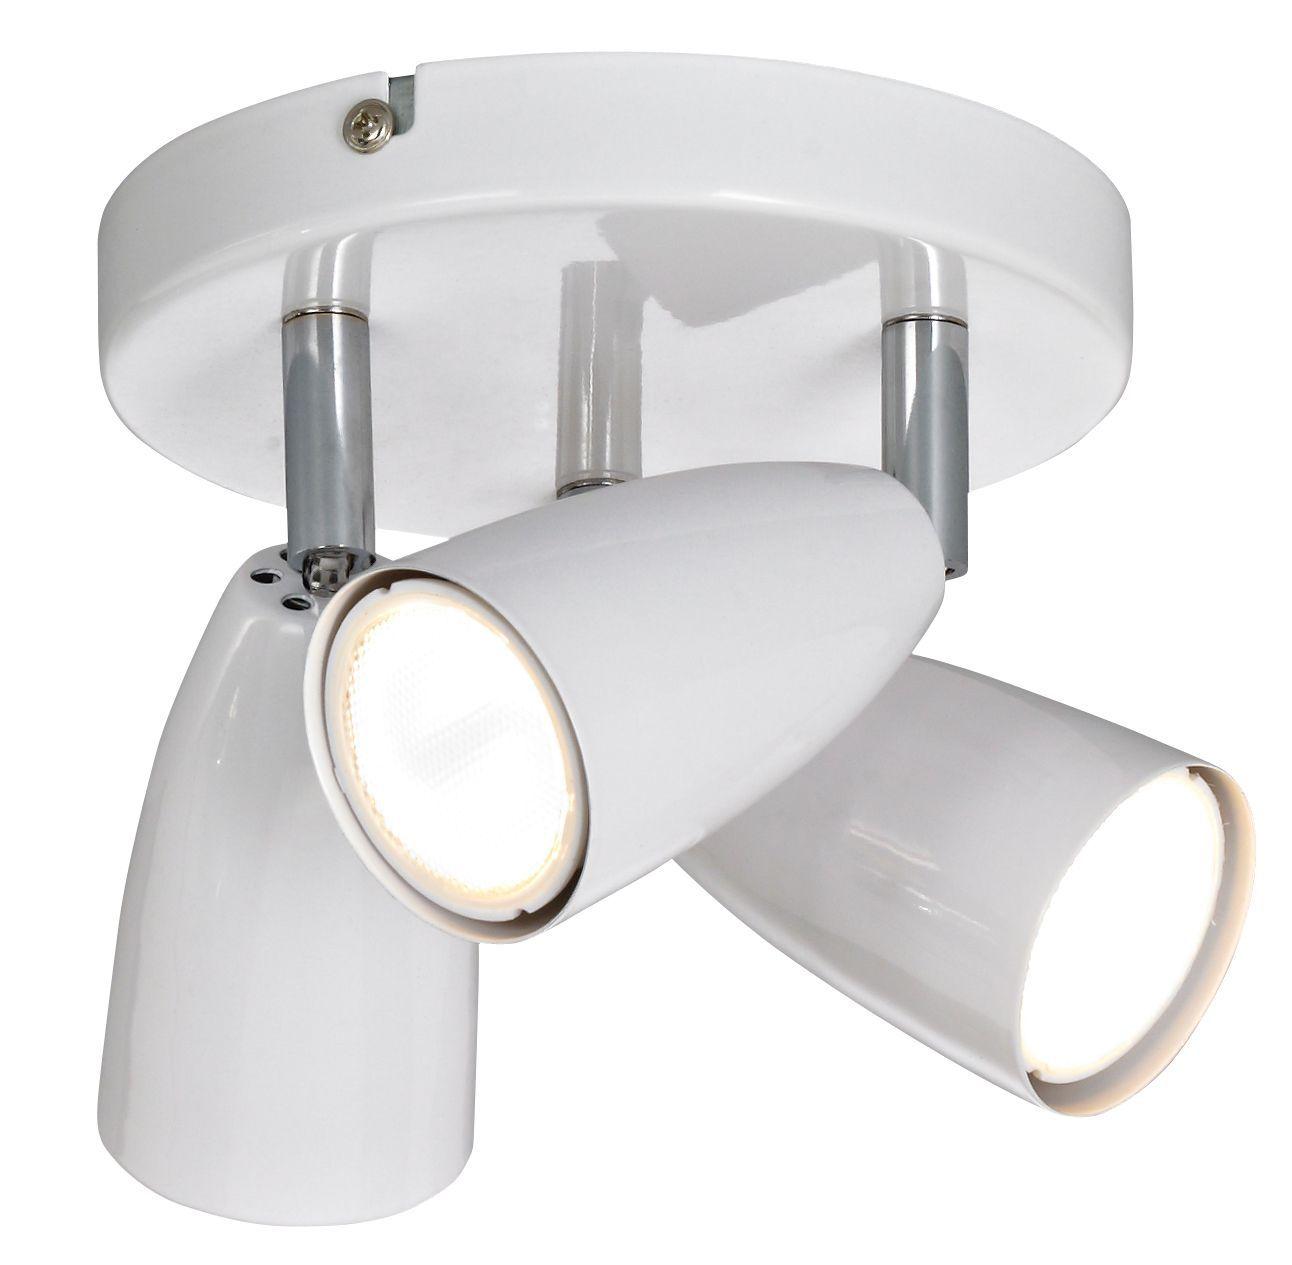 Kappa White Gloss 3 Lamp Spotlight Departments Diy At B Amp Q